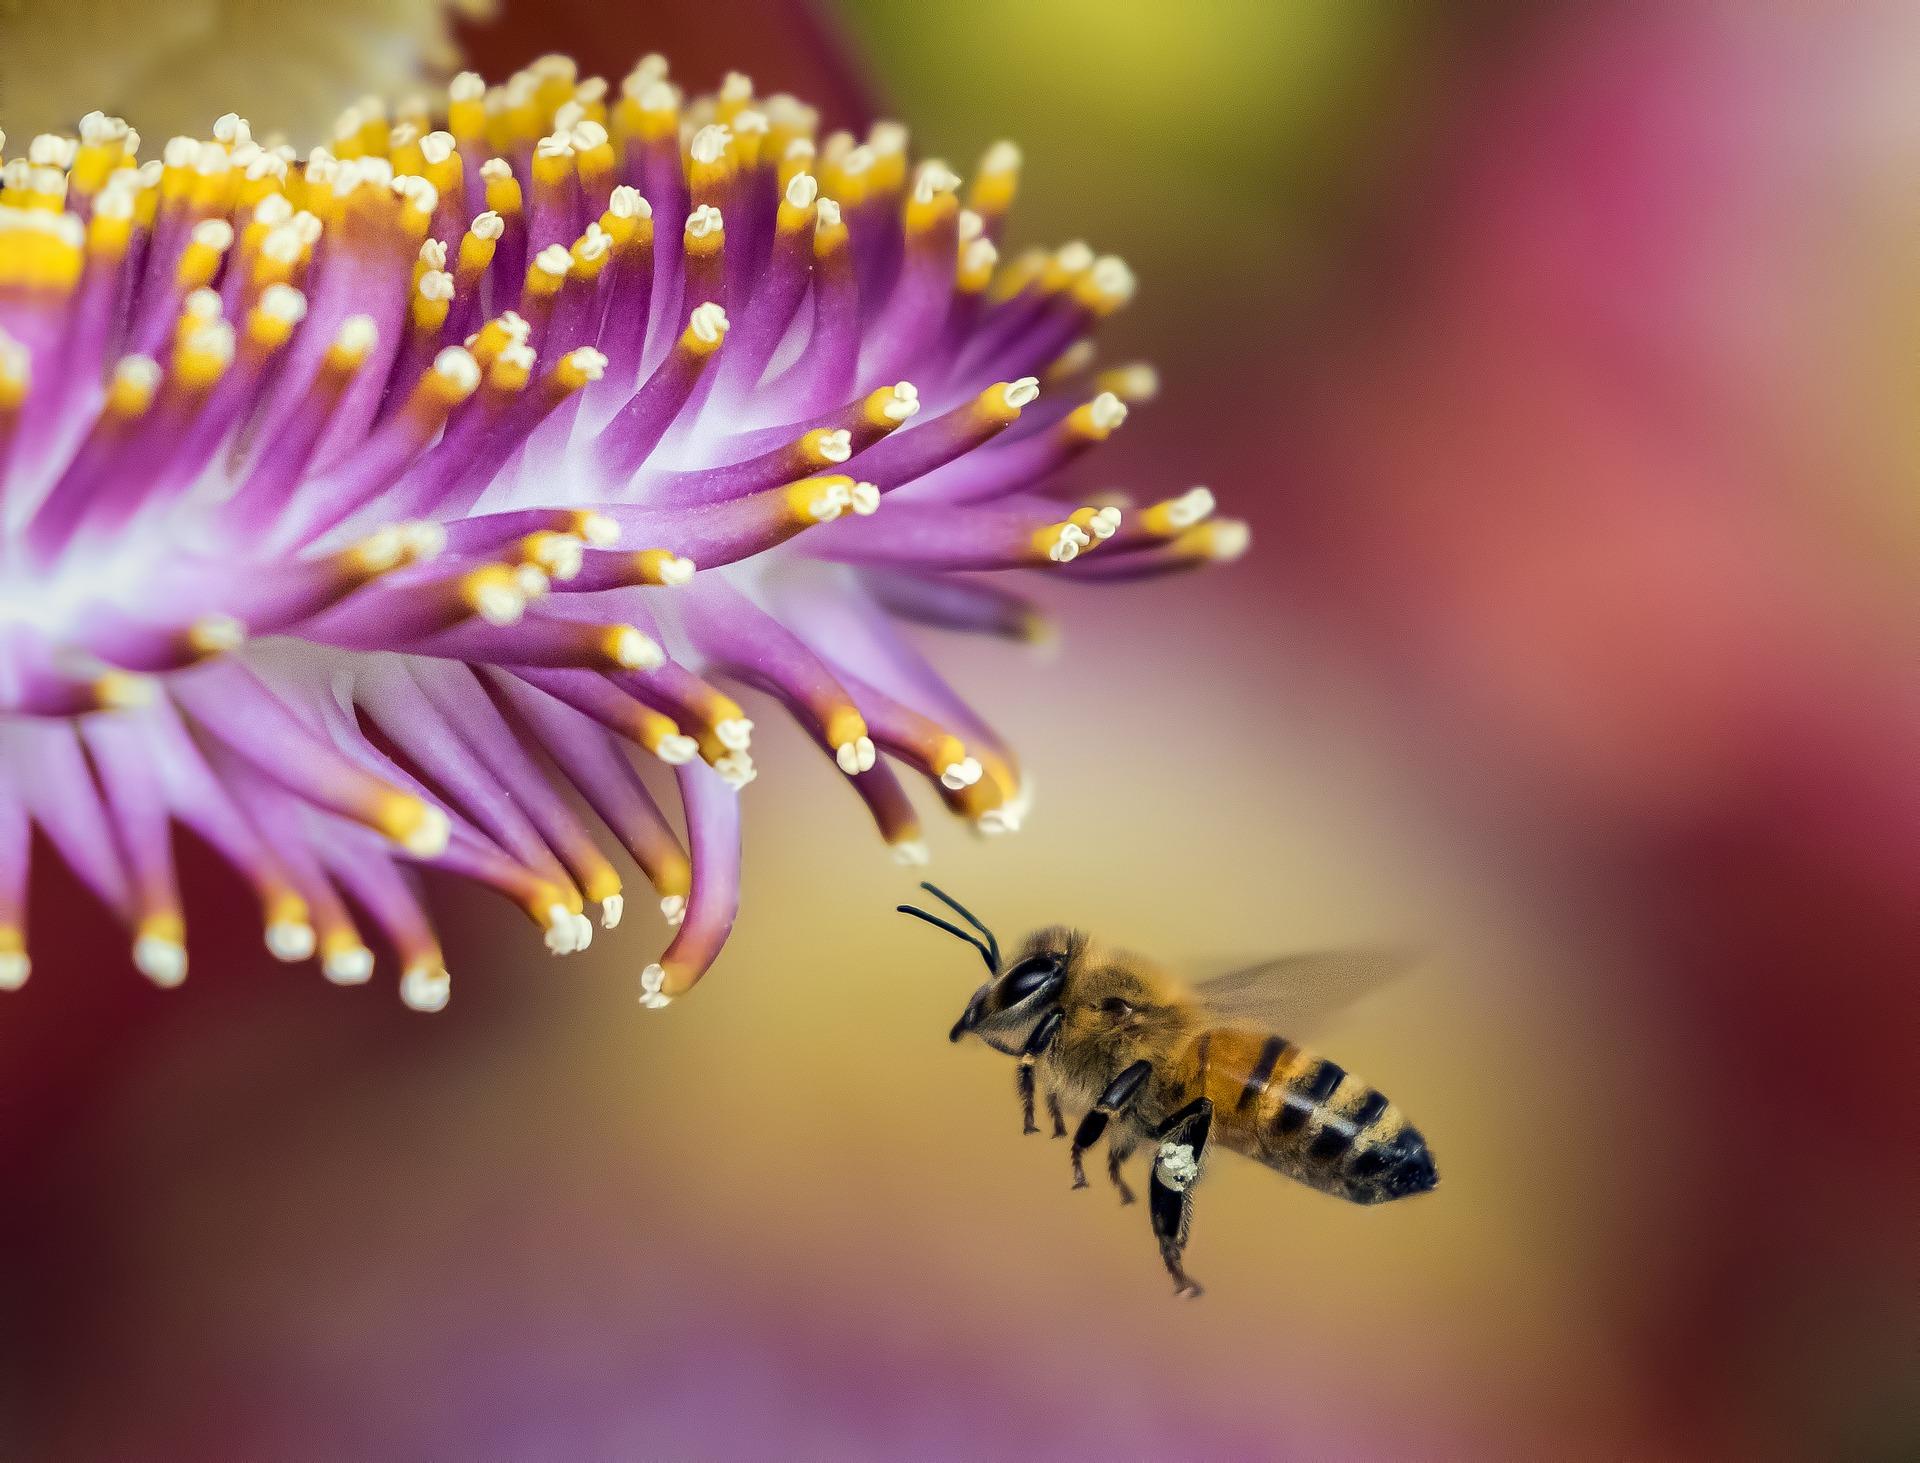 Kateri izdelek s cvetnim prahom je najbolje izbrati?